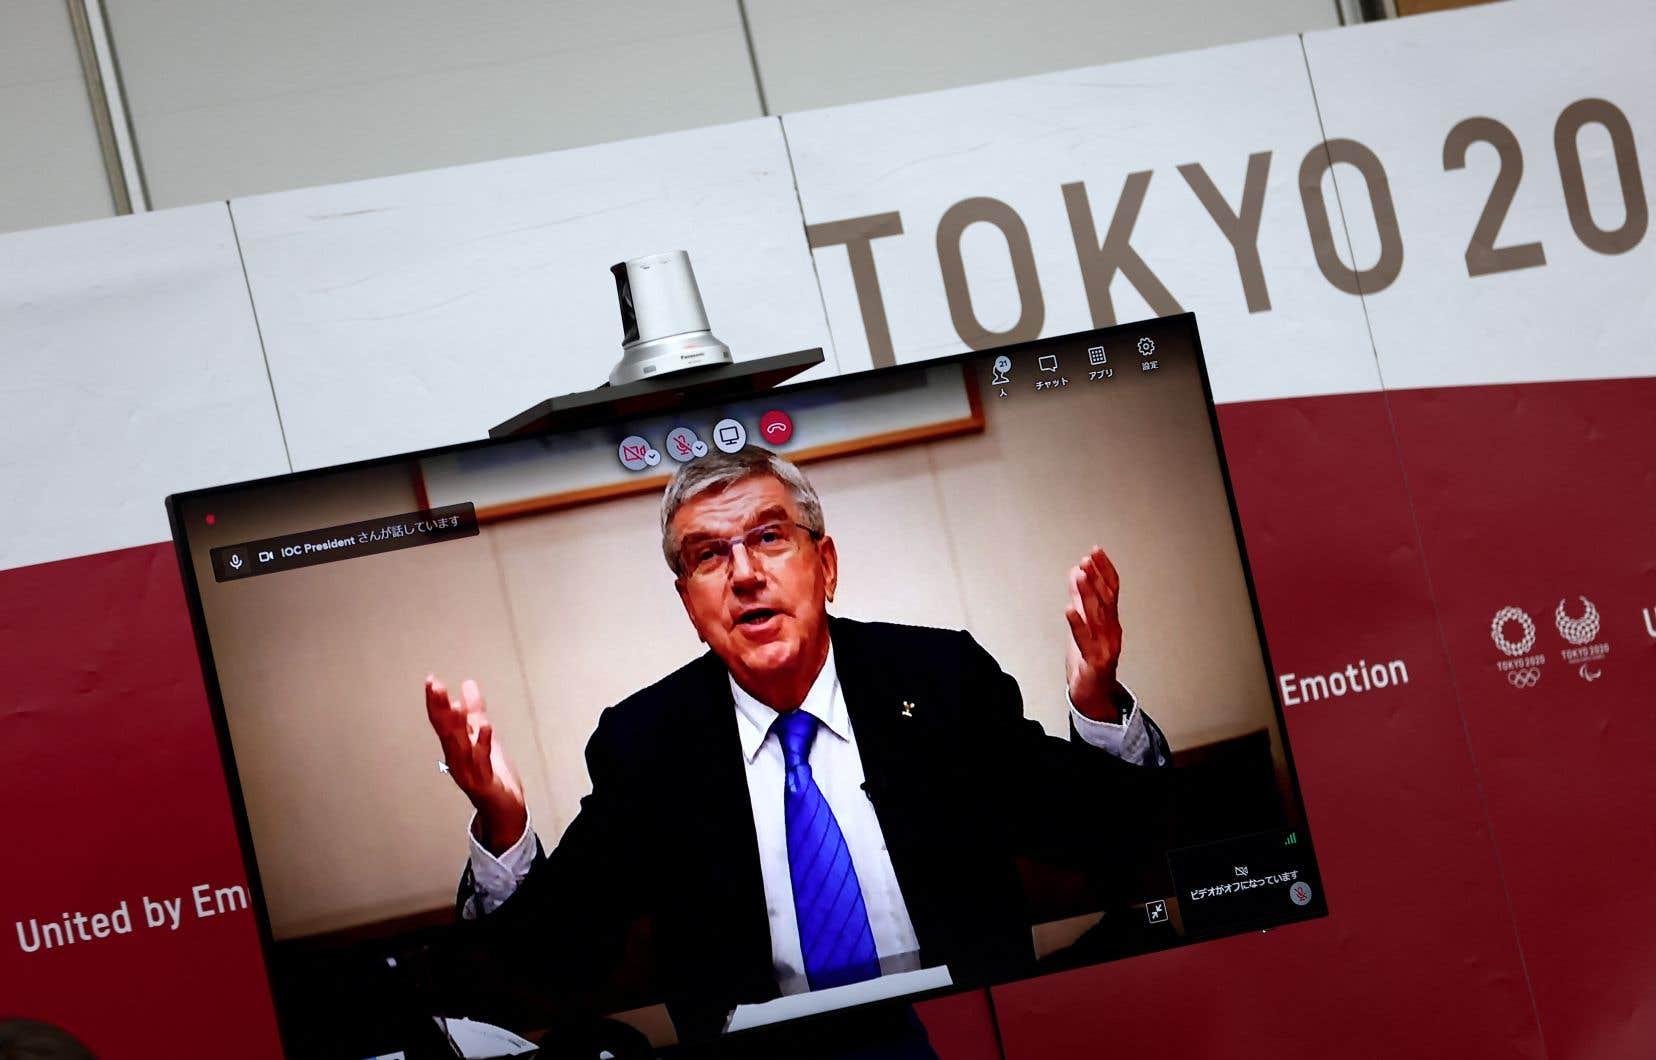 M.Bach a assuré à la présidente du comité d'organisation Tokyo 2020, Seiko Hashimoto, que les organisateurs faisaient «un travail fantastique».